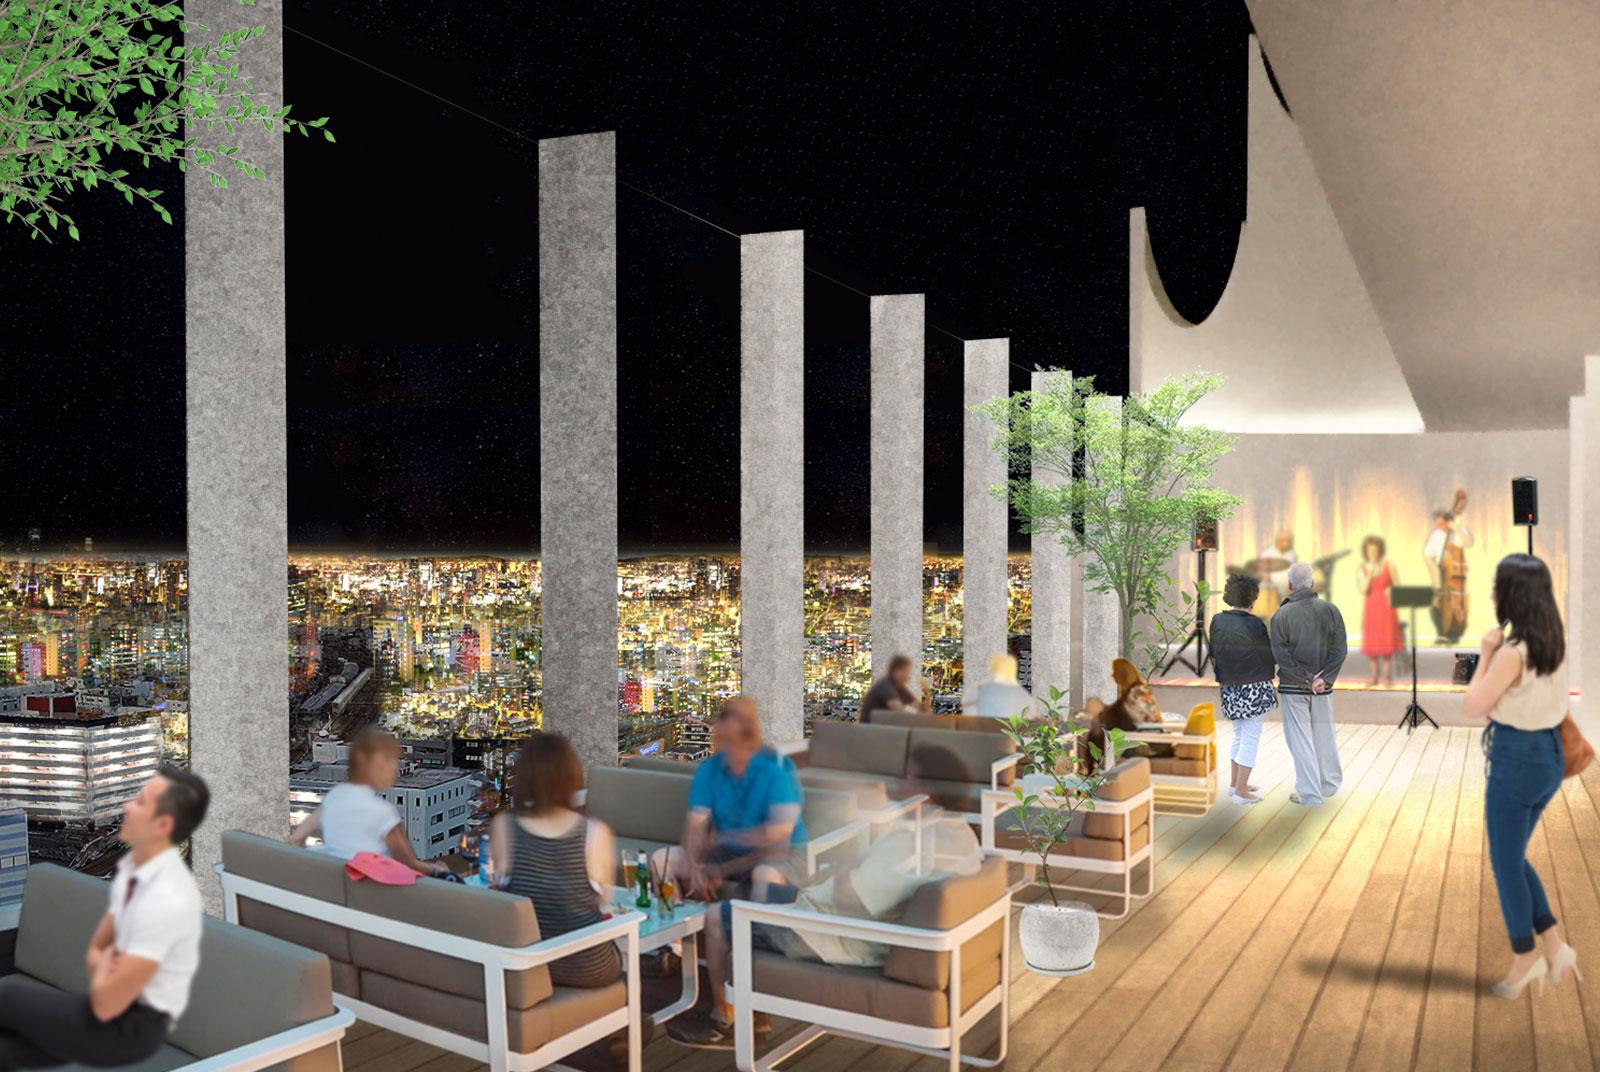 「まちの社交場」となるレストラン(イメージ)